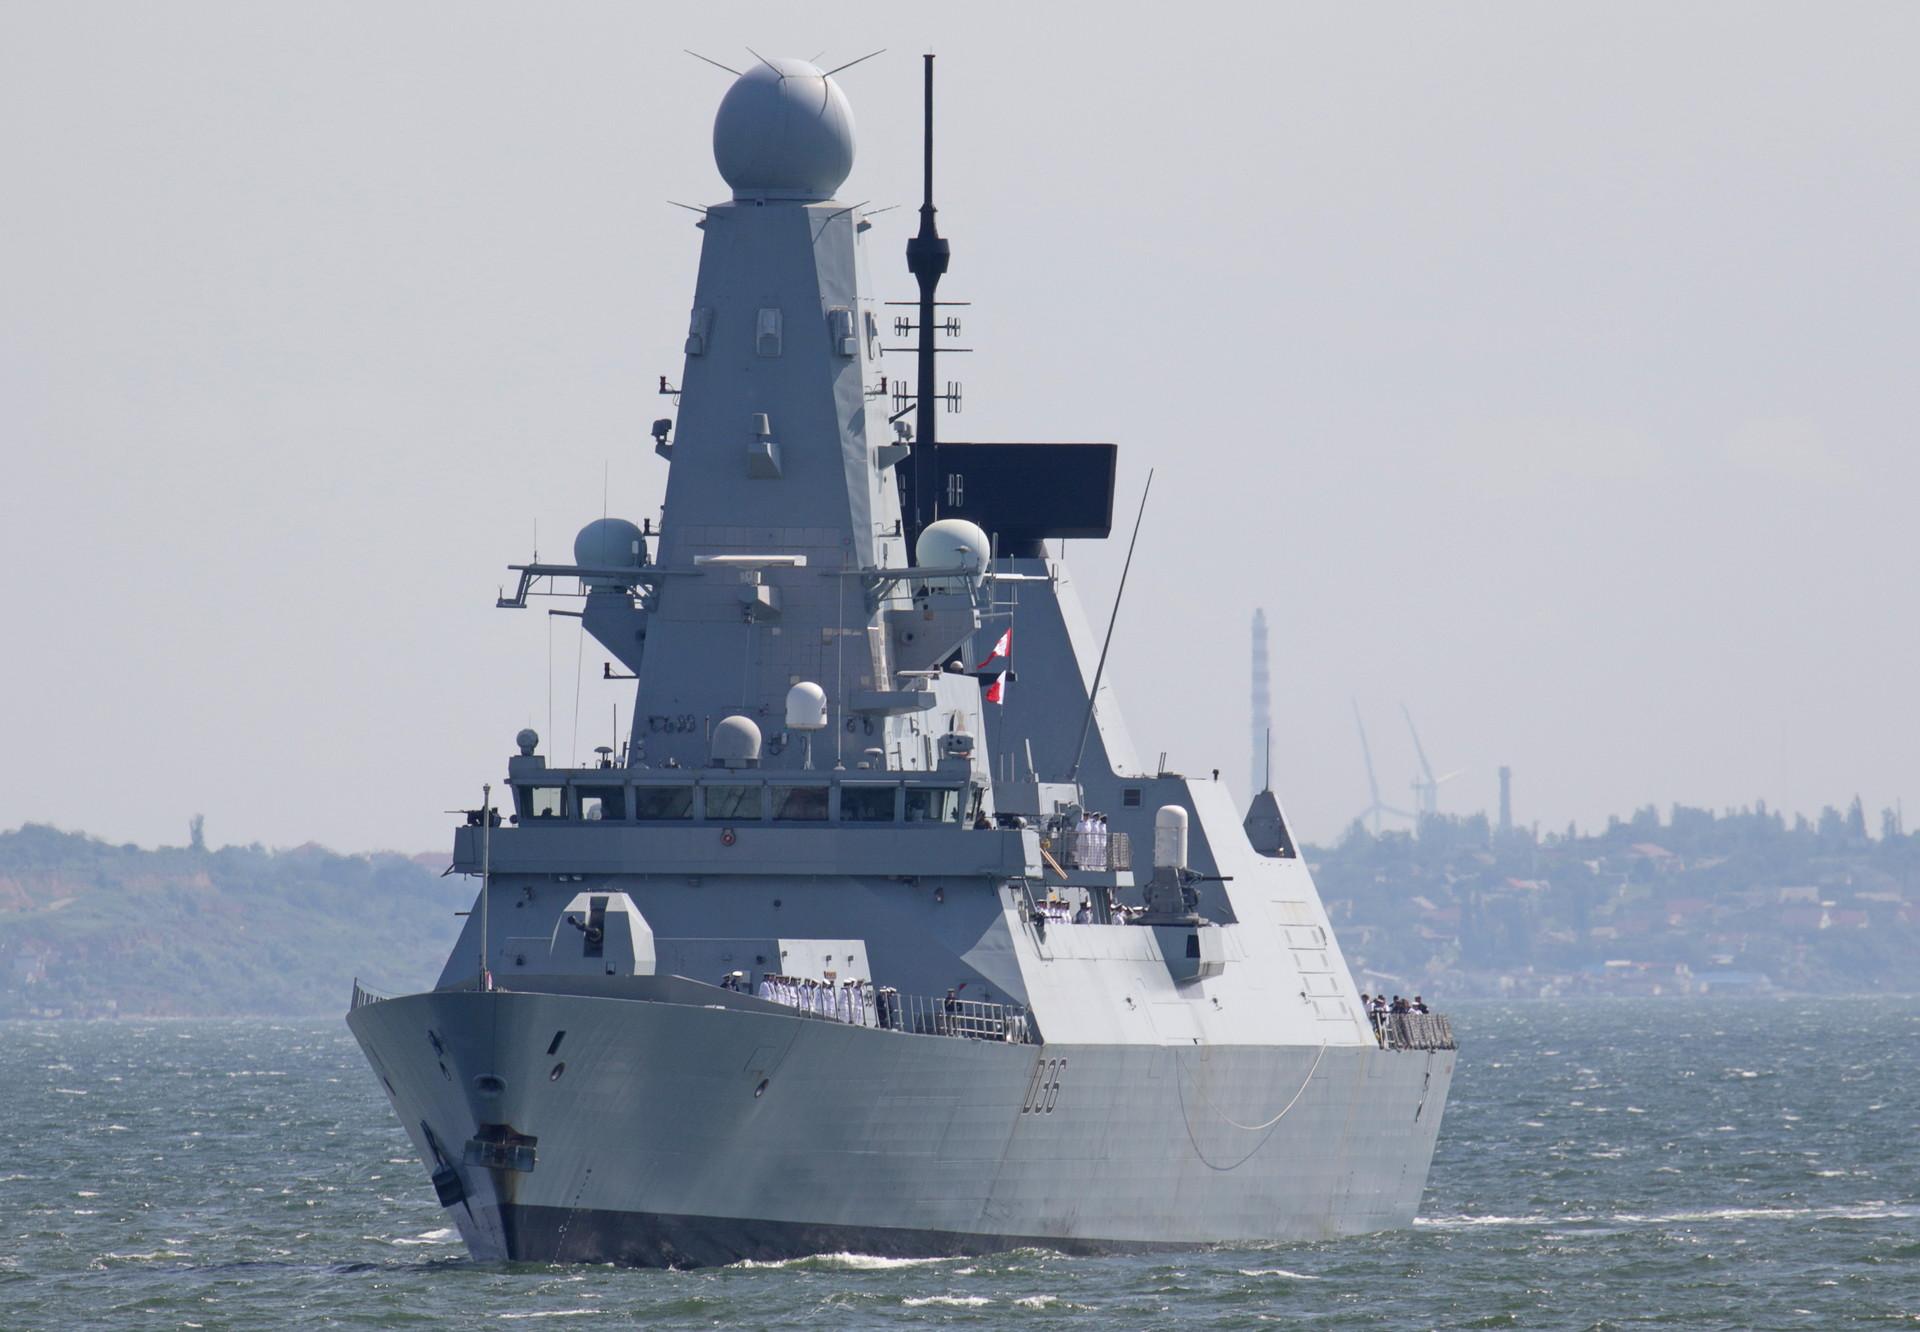 Разарач Defender Британске краљевске морнарице.